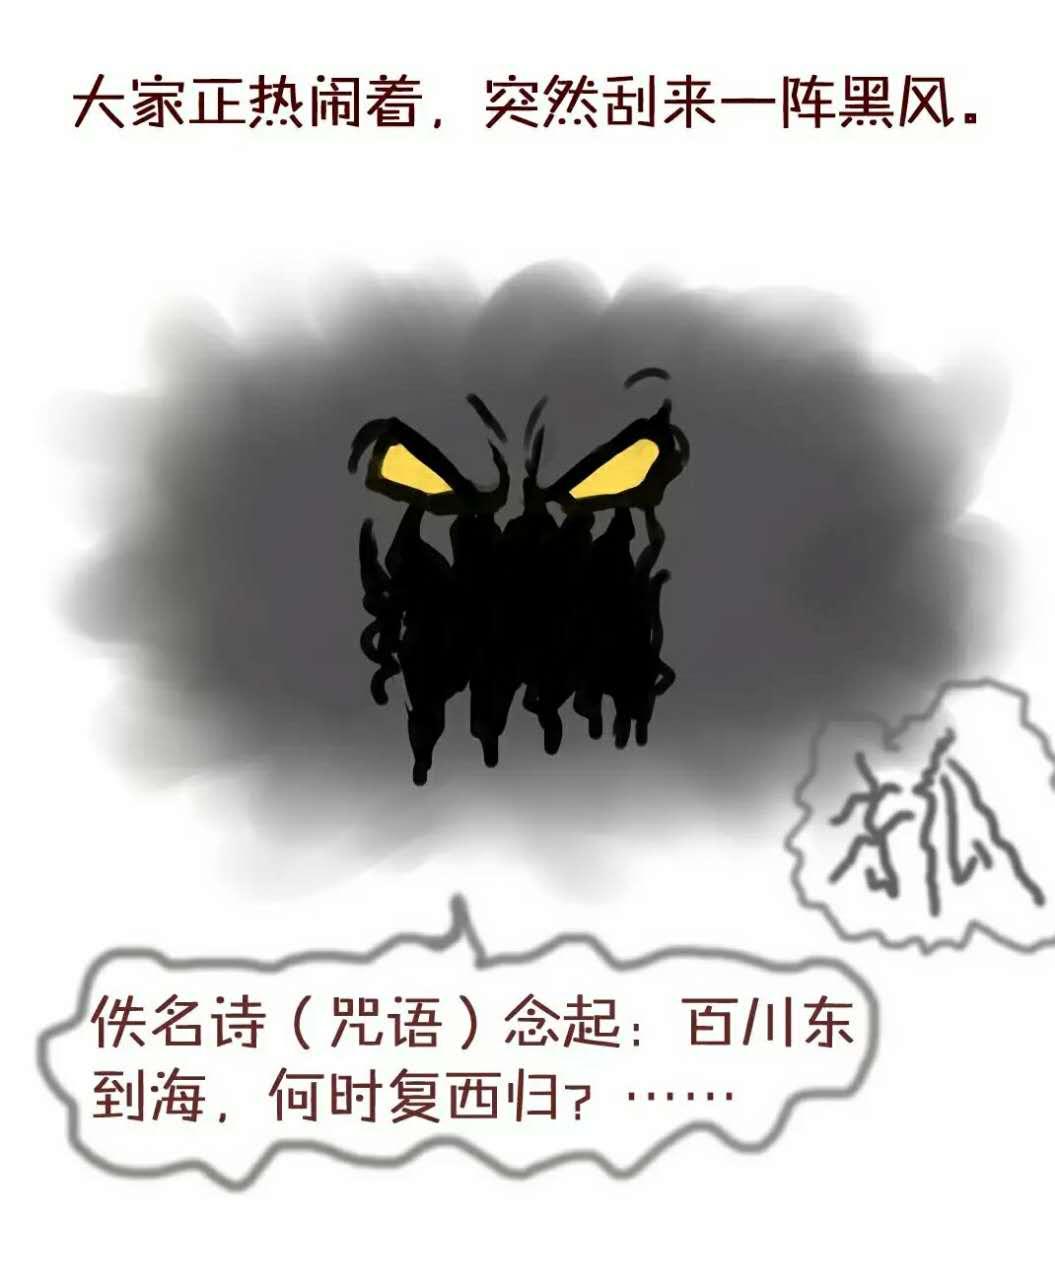 漫画【诗人部落】第三话坏人来了